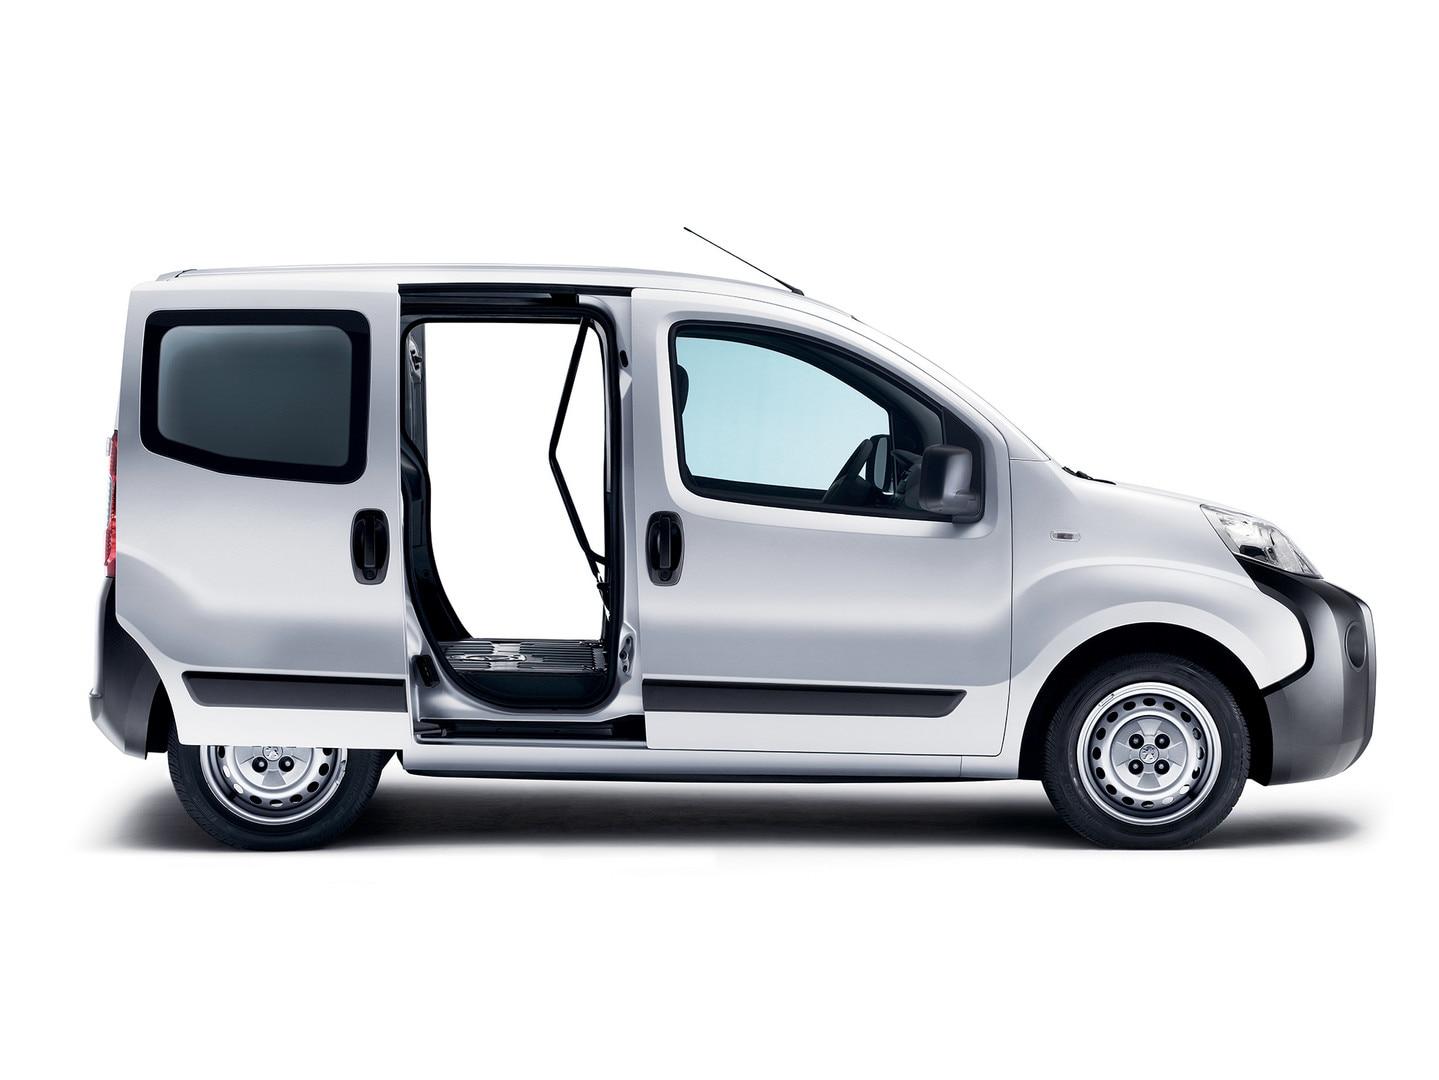 peugeot bipper een lichte en compacte bedrijfswagen van. Black Bedroom Furniture Sets. Home Design Ideas